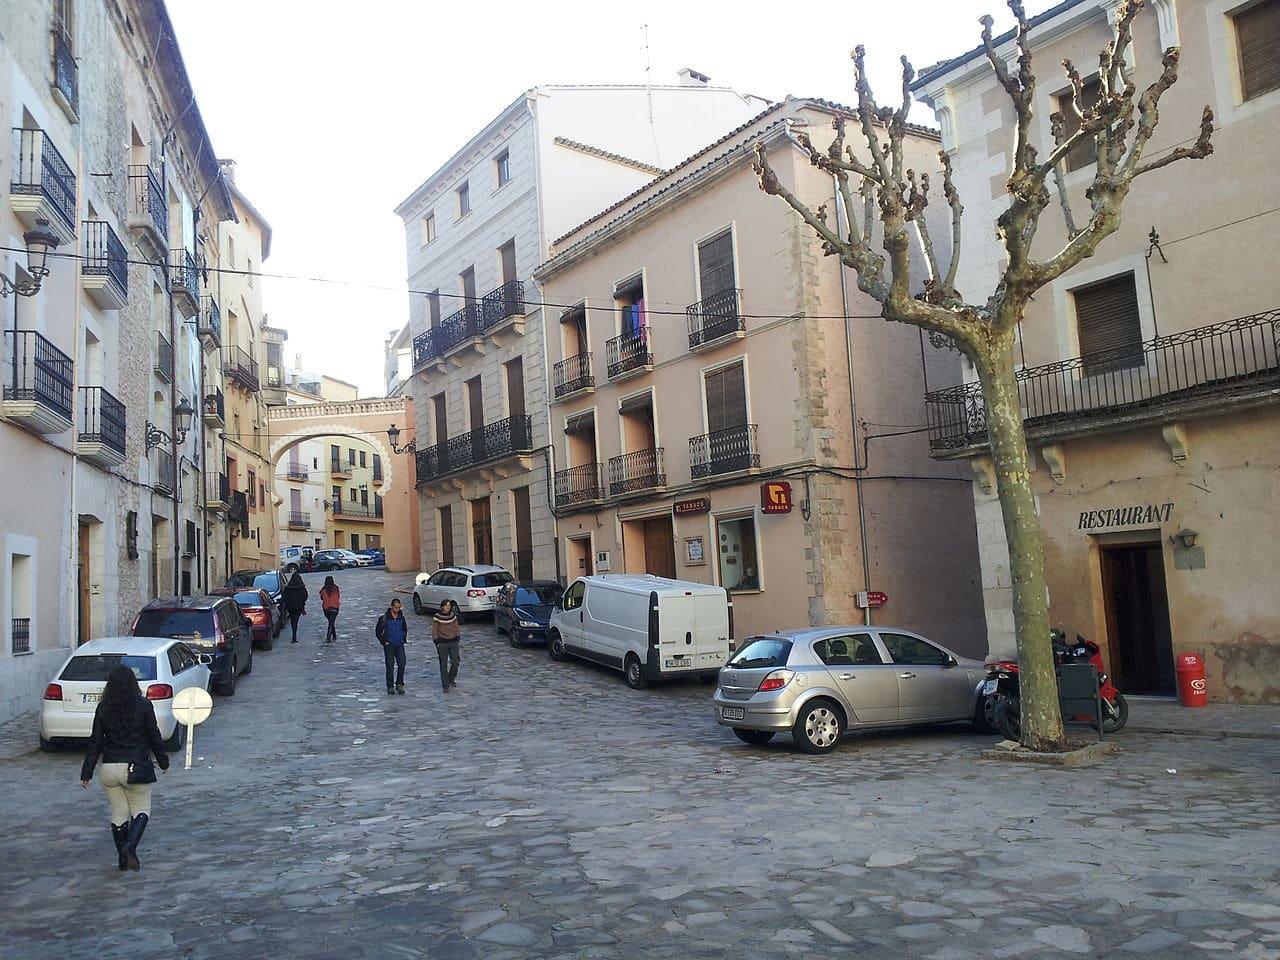 La plaza del Ayuntamiento de Bocairent